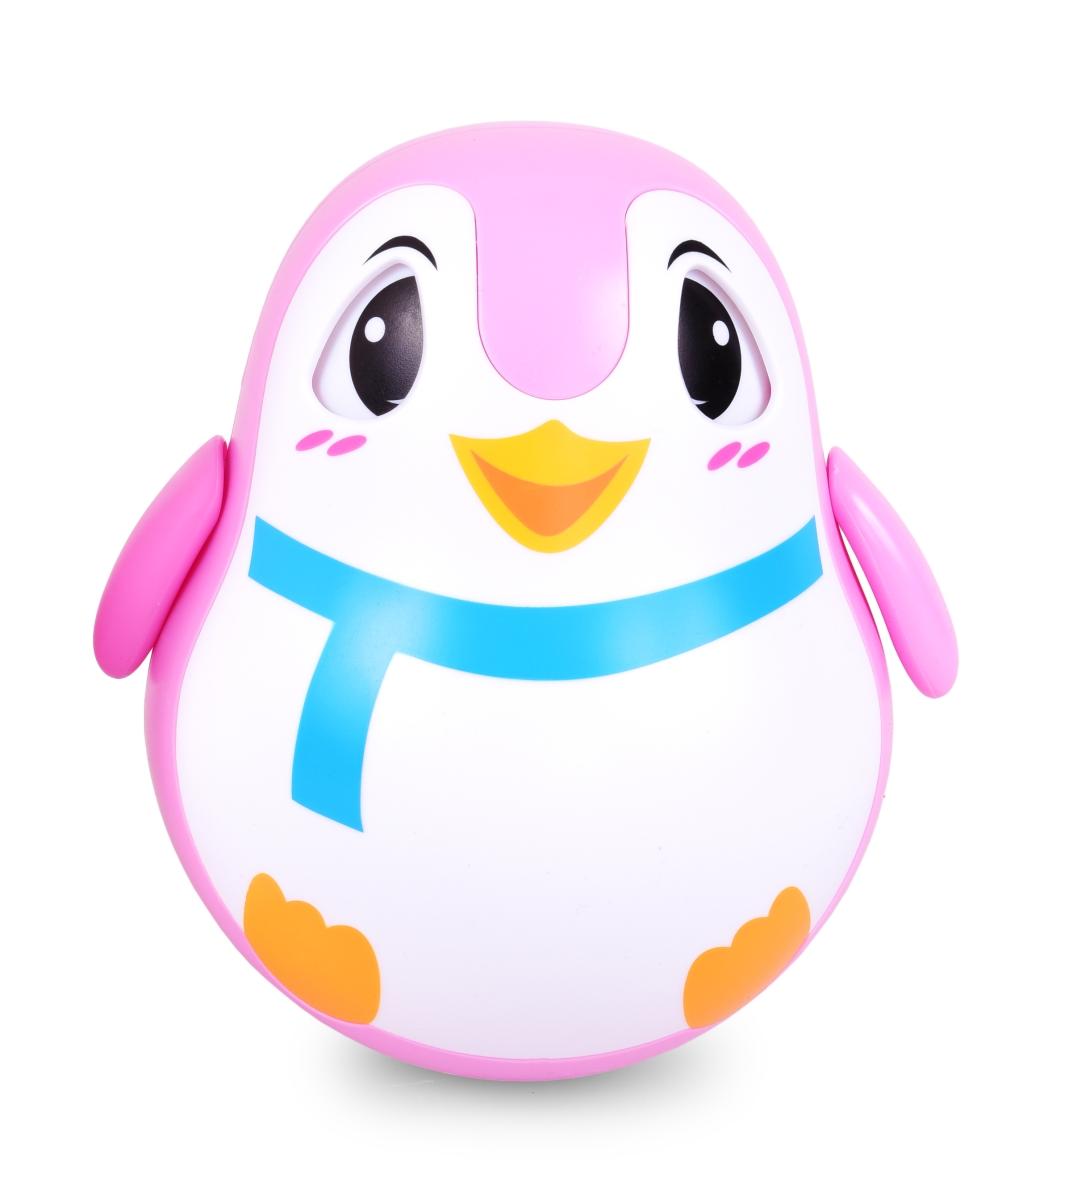 Veselý tučňák kývací, s pohyblivýma očima růžový